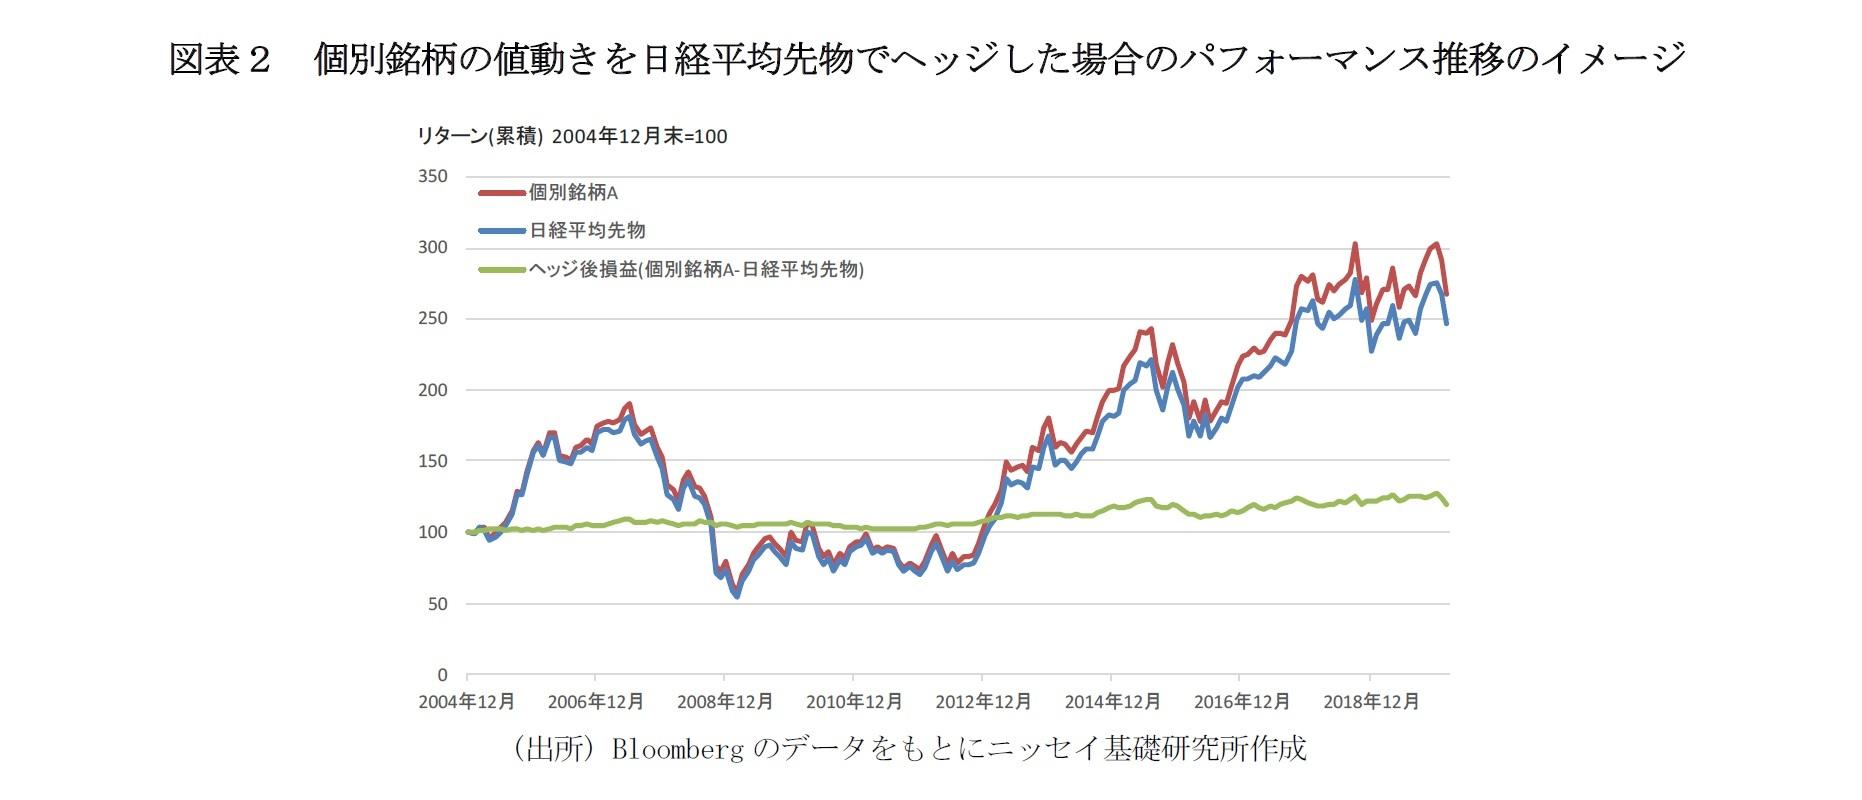 図表2 個別銘柄の値動きを日経平均先物でヘッジした場合のパフォーマンス推移のイメージ